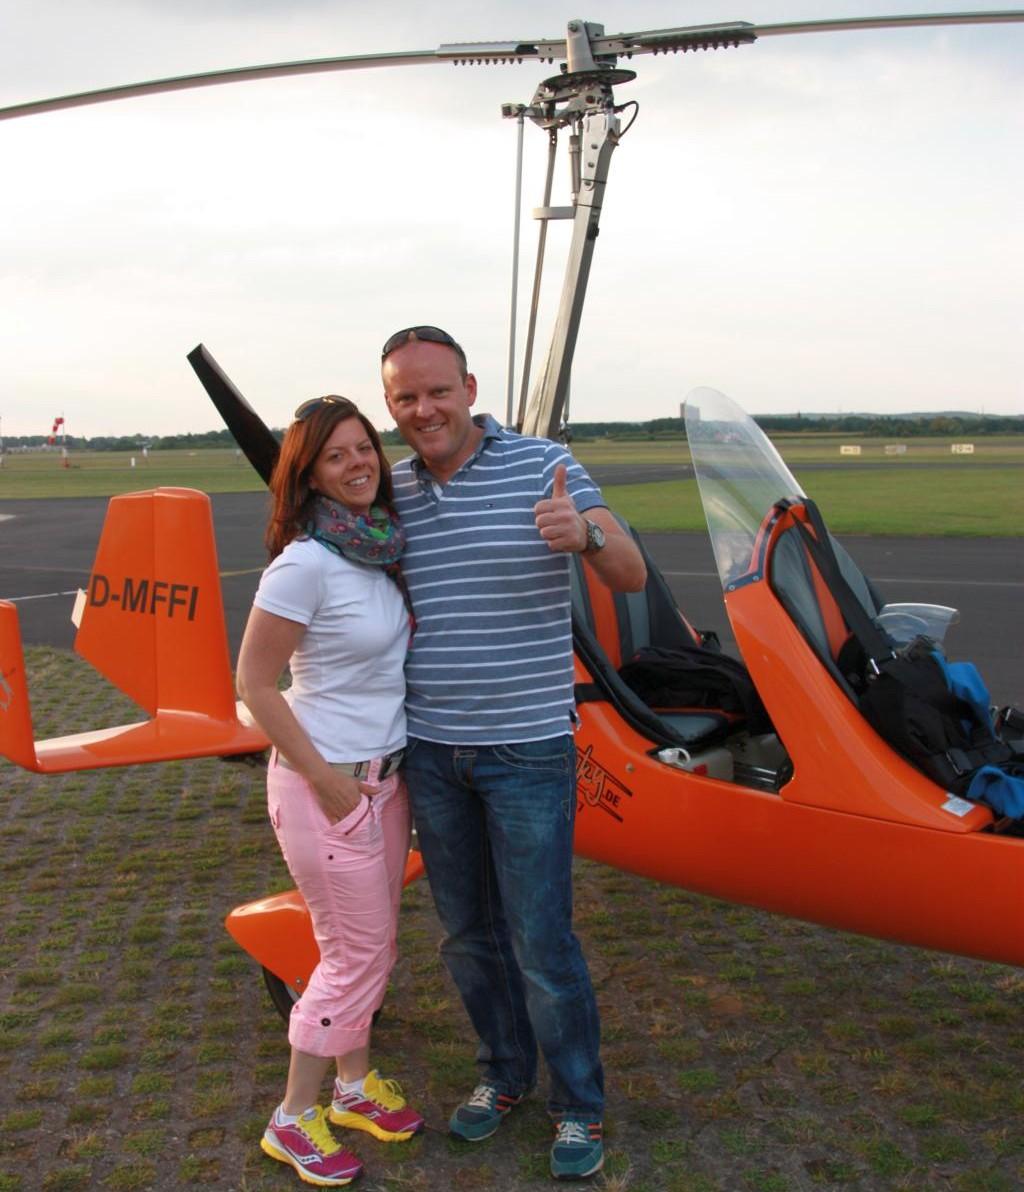 Gyrokopter.rundflug.Bonn.Bruehl.Phantasialand.Haus-am-See-BnB.Bild49